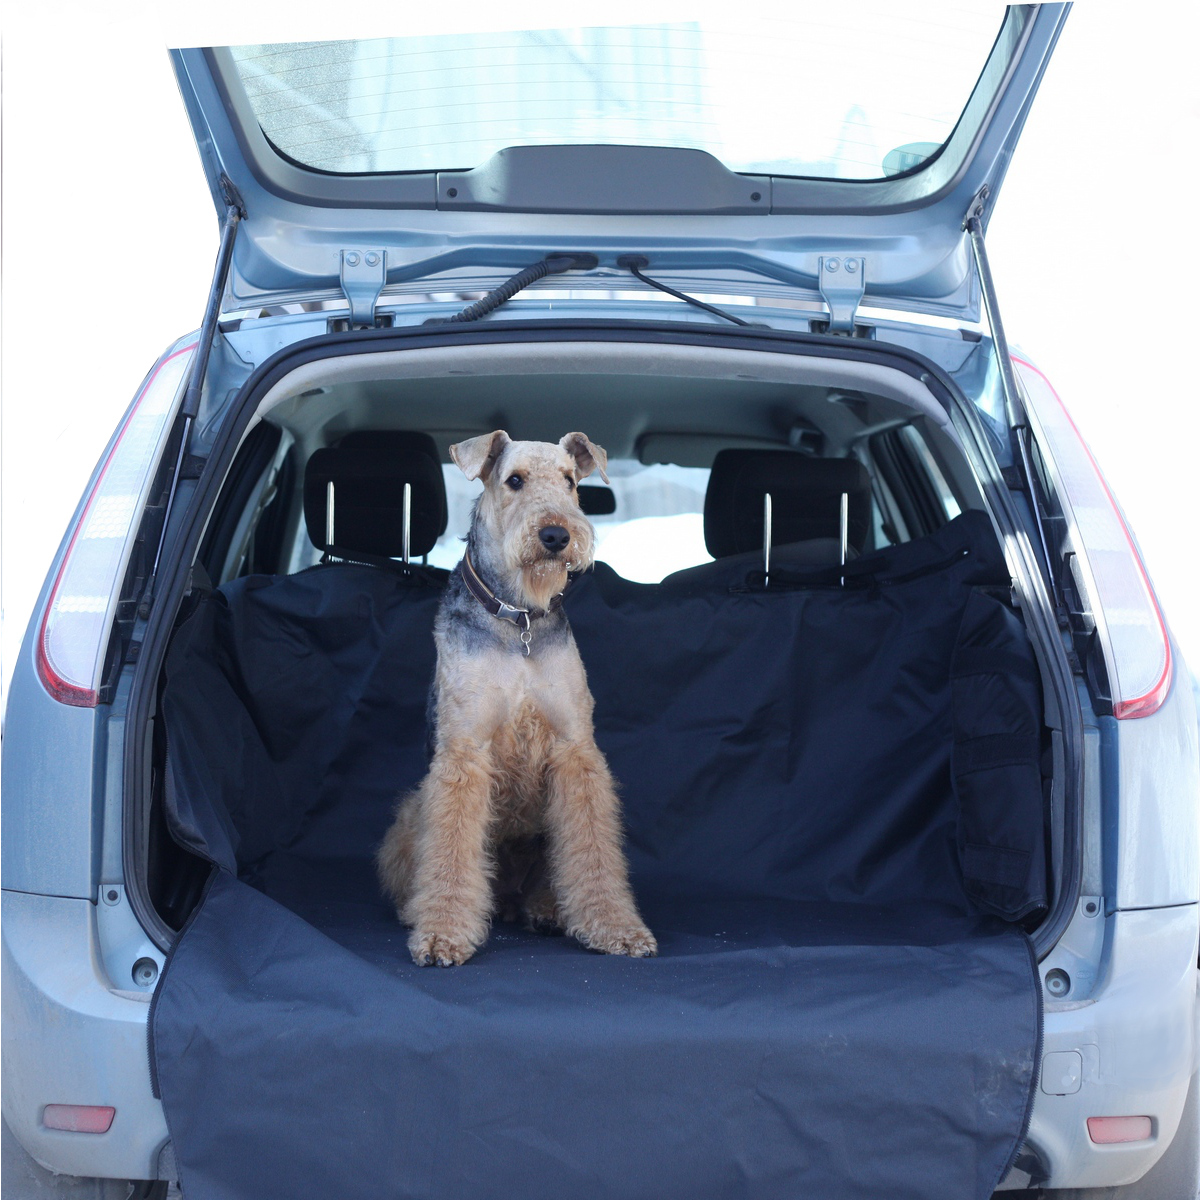 Автогамак для собак OSSO Fashion Car Premium, в багажник, 120 х 210 см4181Автогамак OSSO Fashion Car Premium представляет собой функциональное приспособление для перевозки собак в салоне машины. Этот автогамак идеально подойдет для транспортировки питомца в багажнике, защитит задний бампер от царапин и багажное отделение от грязи. Незаменим при транспортировке животного после прогулок на природе, поездки в ветклинику, на выставку, охоту, рыбалку и дачу, не опасаясь испачкать или поцарапать сидения и обивку дверей. Изготовлен из прочной, дублированной, водостойкой и морозоустойчивой ткани на подкладке. Конструкция гамака предохраняет питомца от соскальзывания и передвижения по салону во время движения и резкого торможения. Чистка такого гамака не составляет никакого труда: просто стряхните засохшую грязь и песок щеткой, а затем протрите поверхность влажной губкой или тряпкой.Размеры автогамака: ширина дна - 120 см, общая длина - 210 см, высота бортов со стороны спинок сидений - 55 см, высота бортов со стороны двери багажника - 40 см.